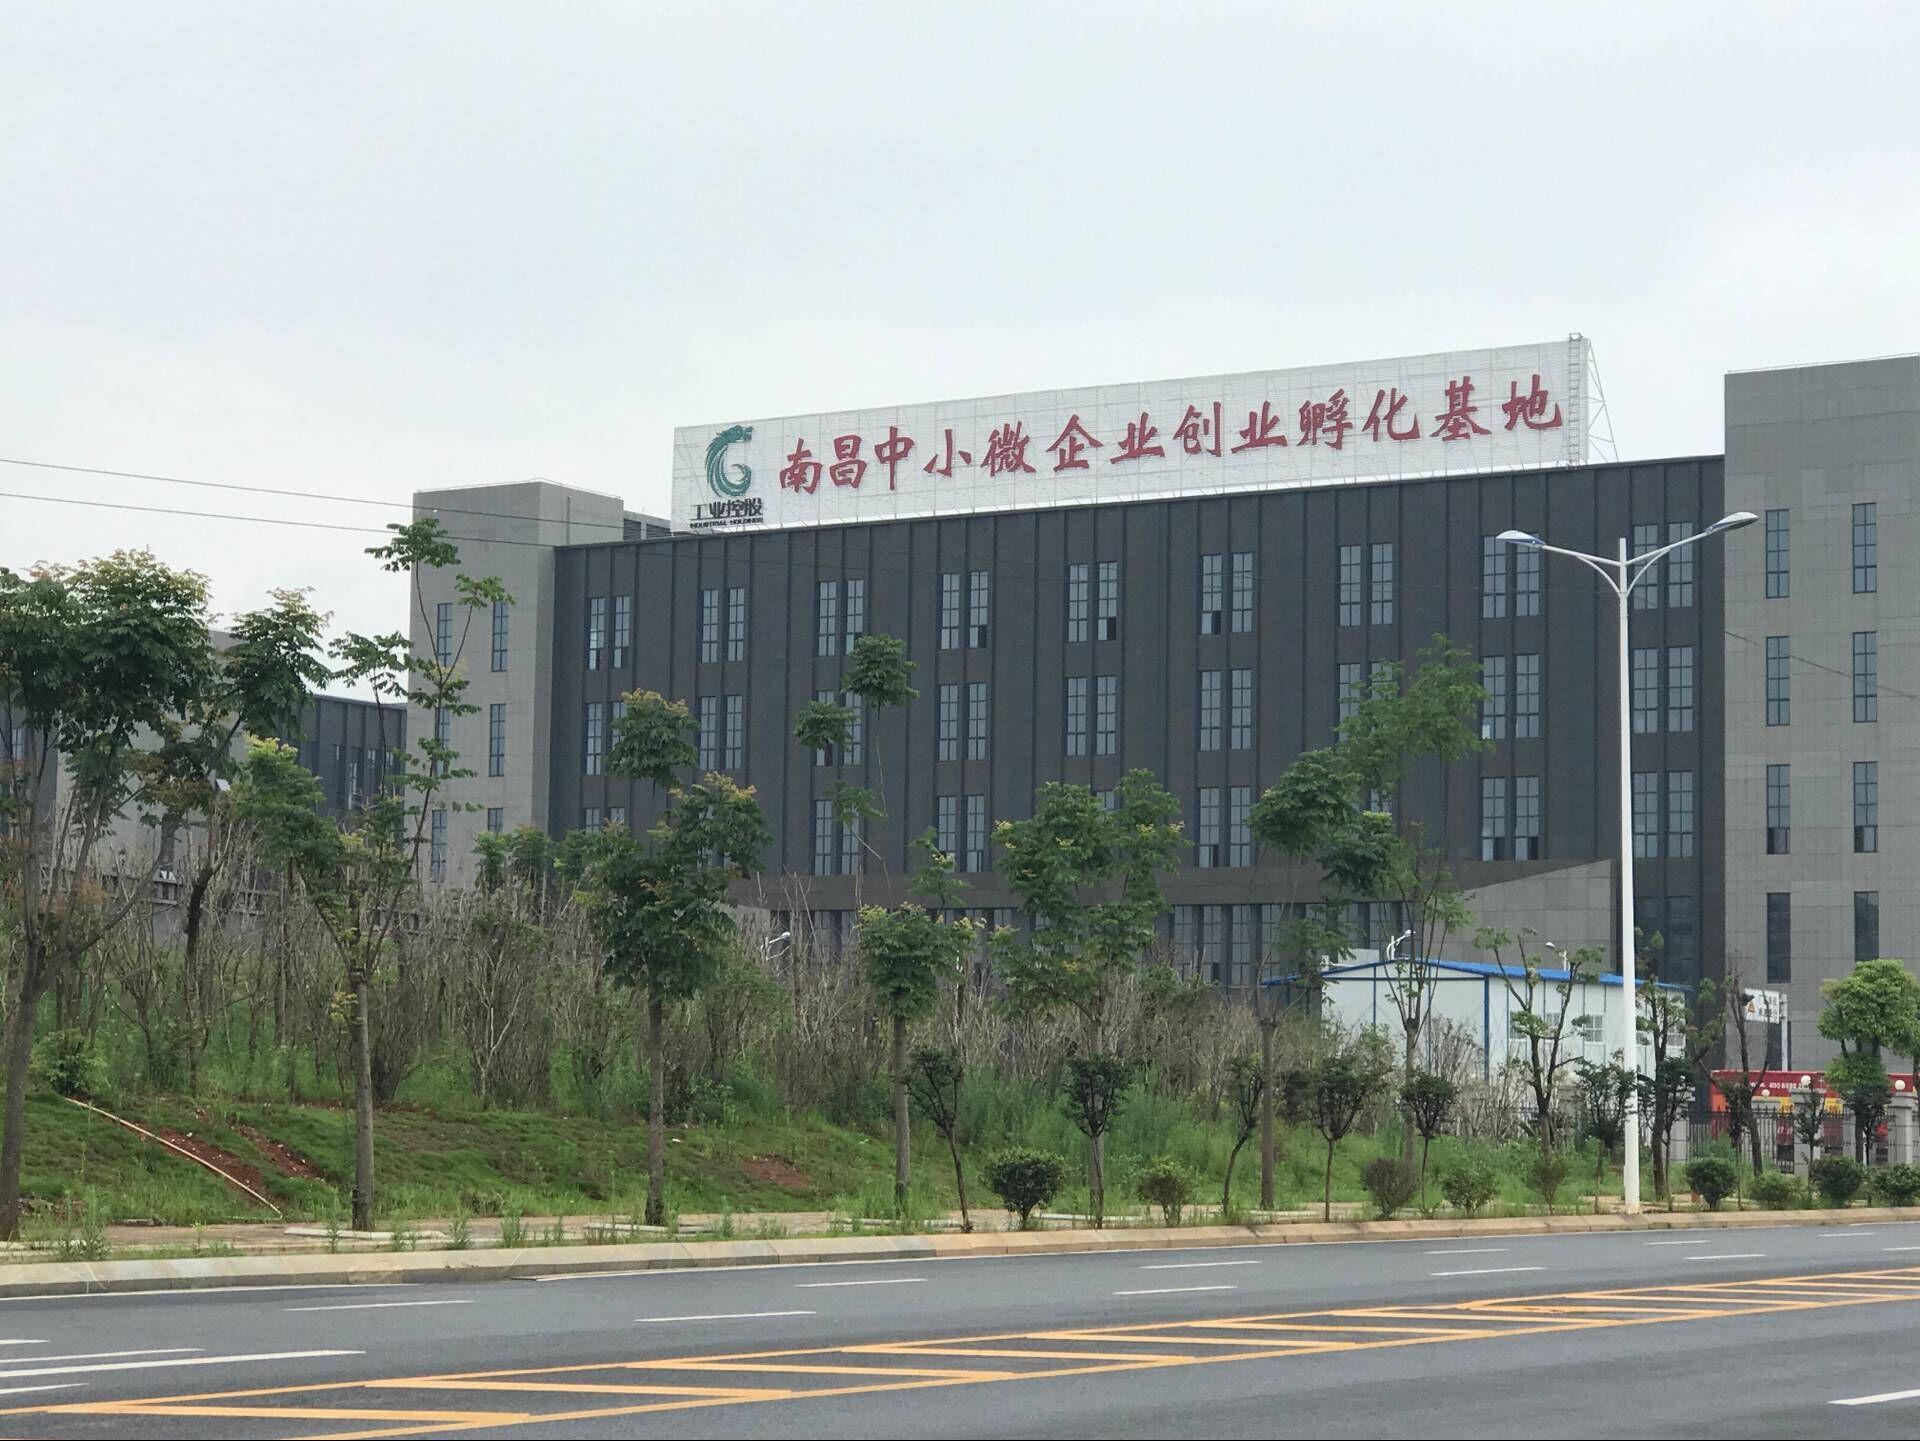 南昌中小微企业创业孵化基地